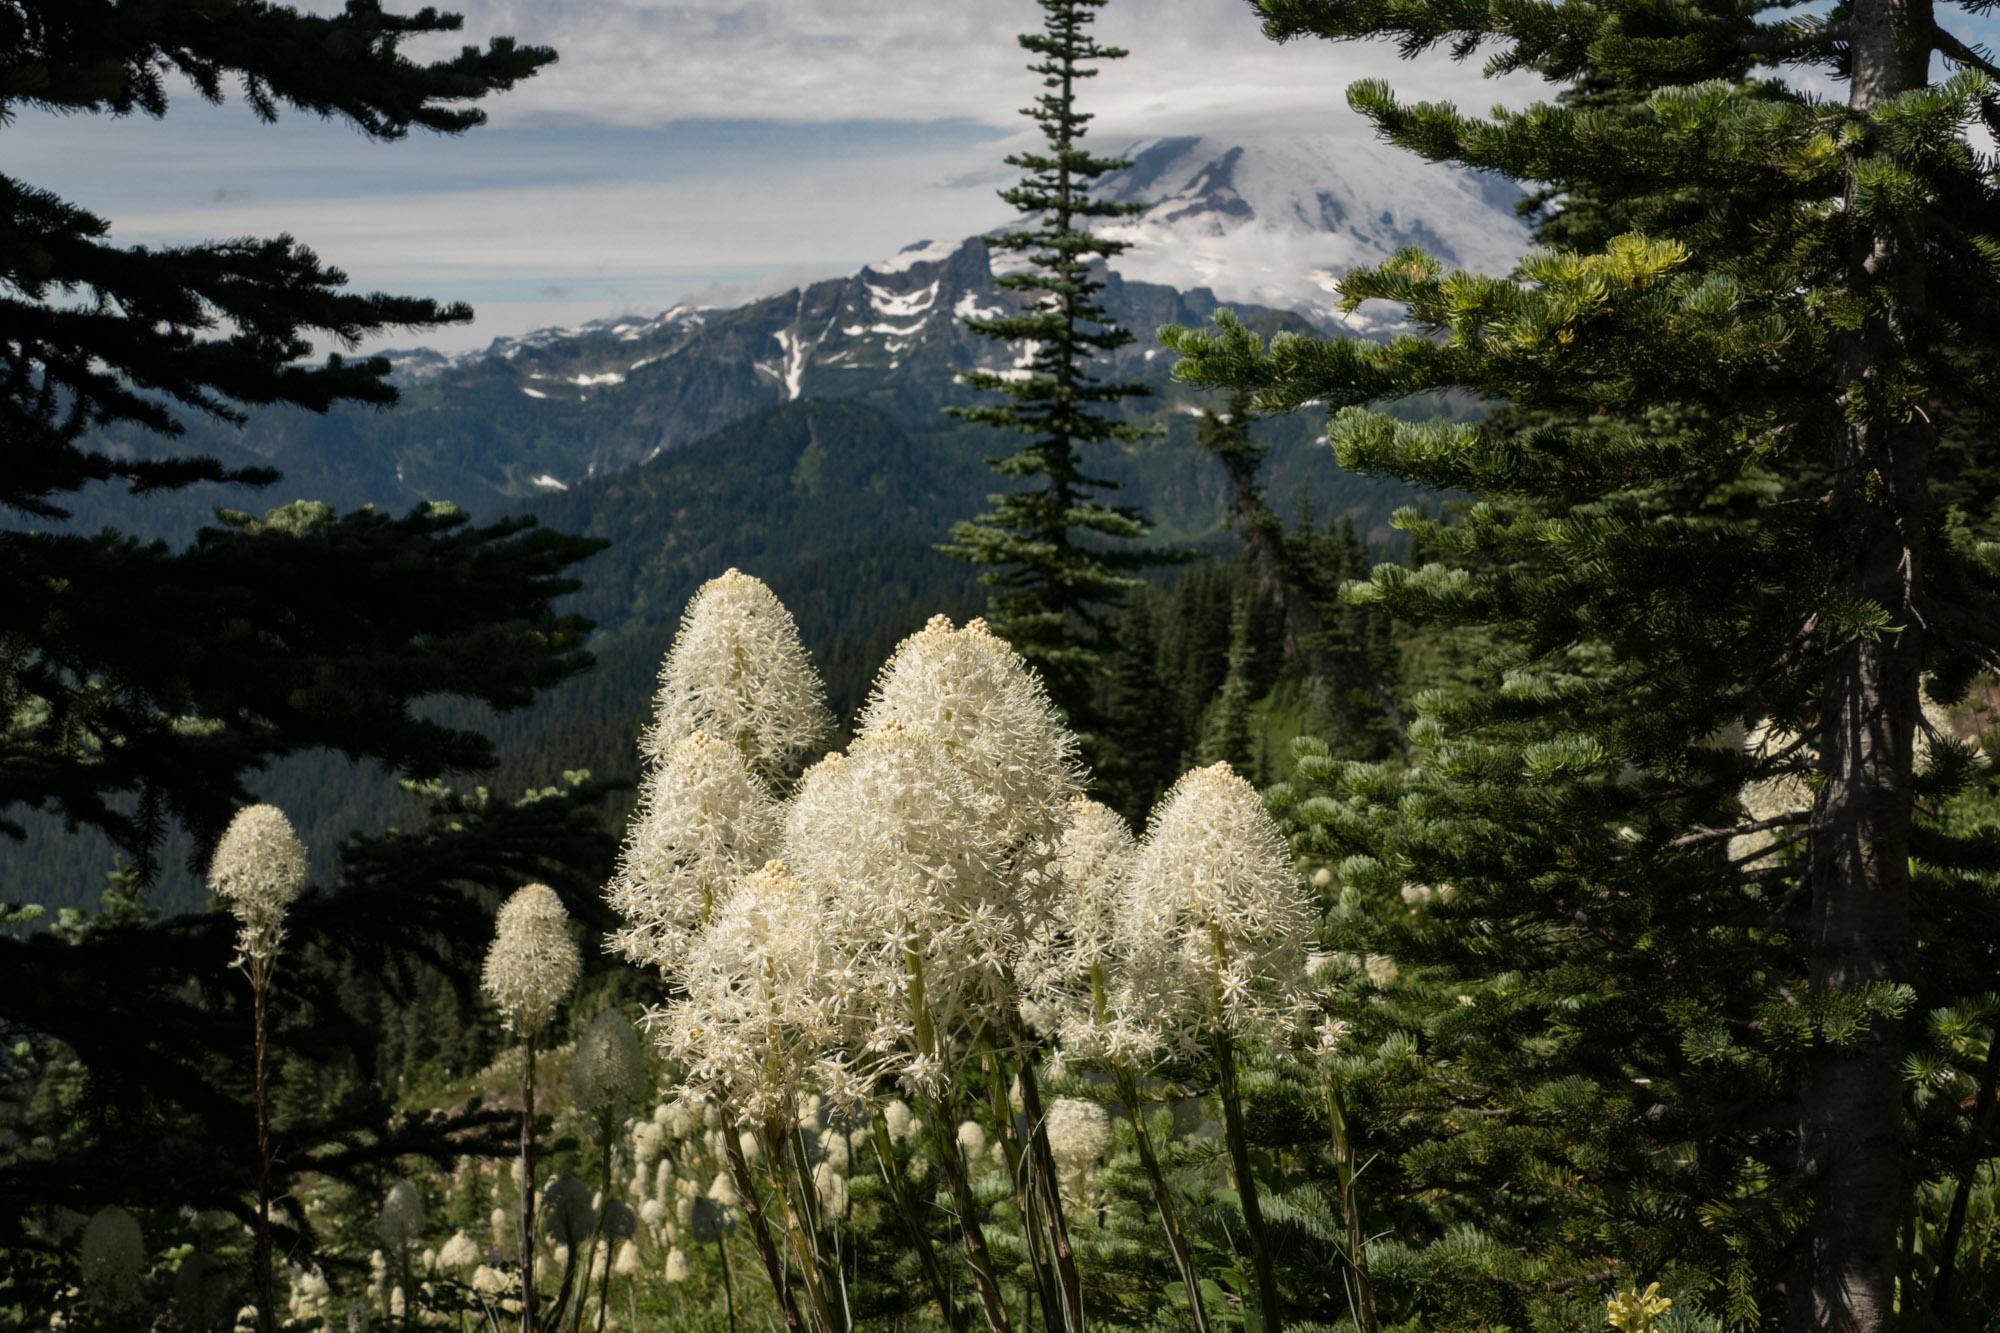 Bear grass and Mt. Ranier